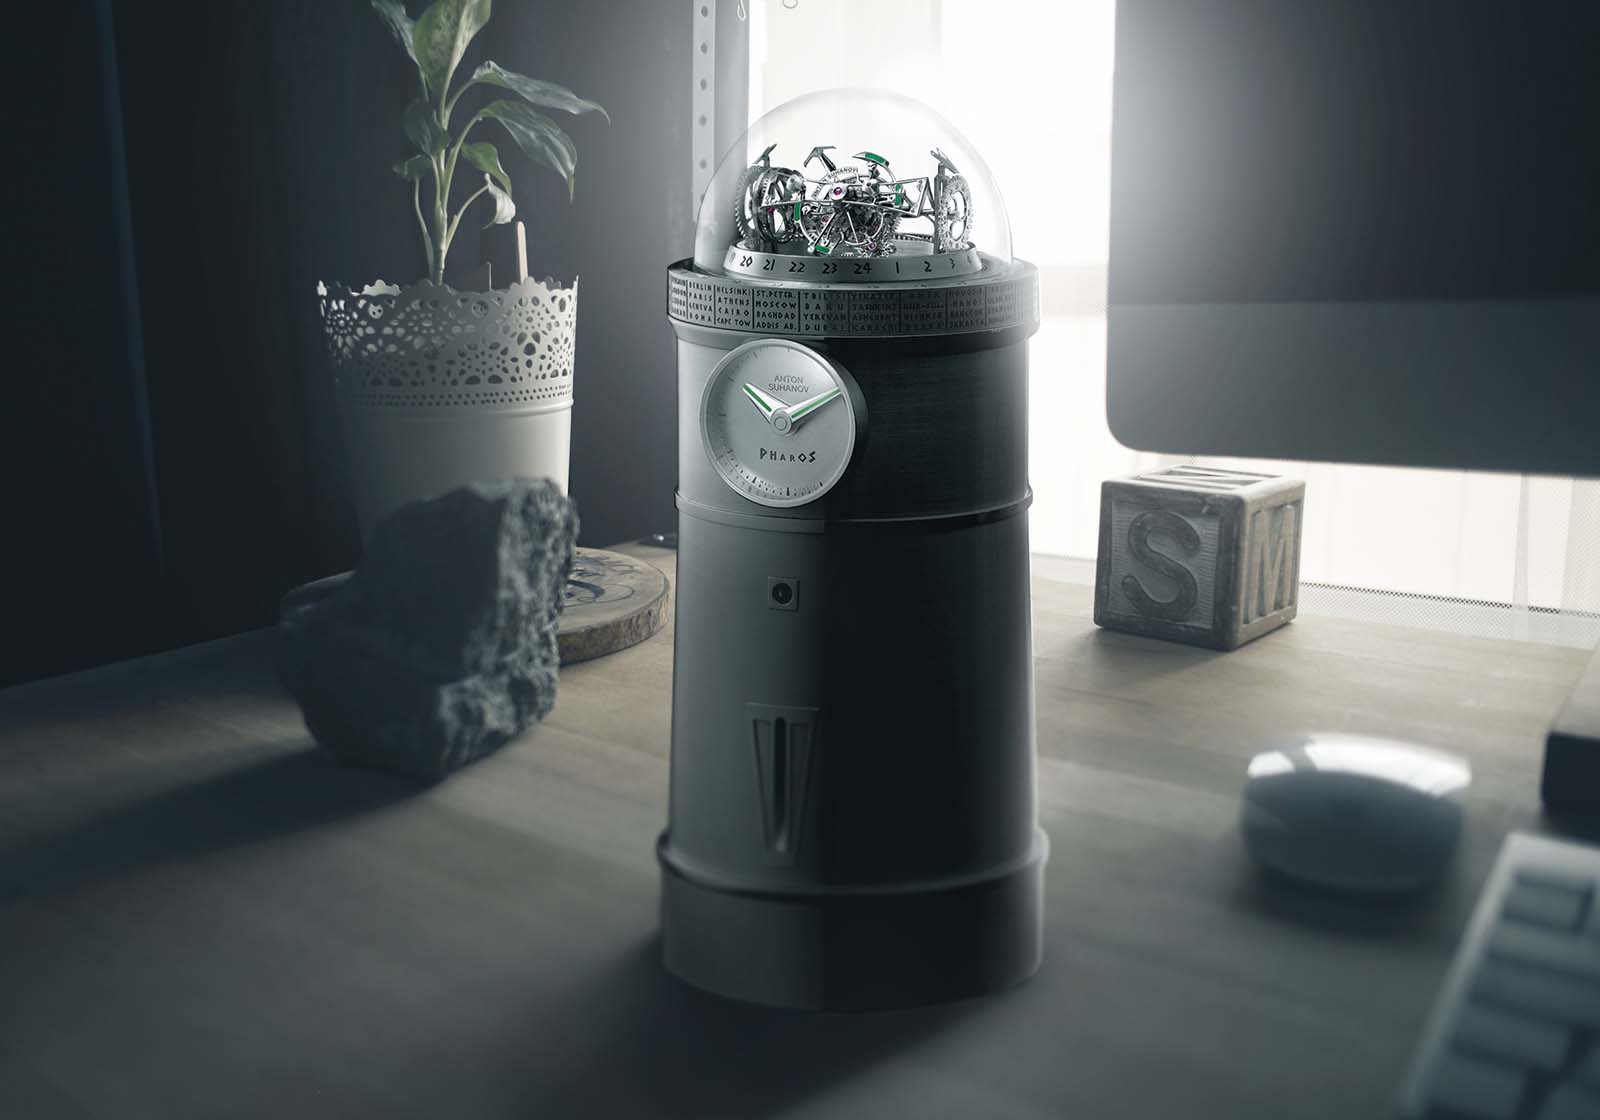 Anton Suhanov Introduces the Pharos Triple-Axis Tourbillon Clock | SJX Watches